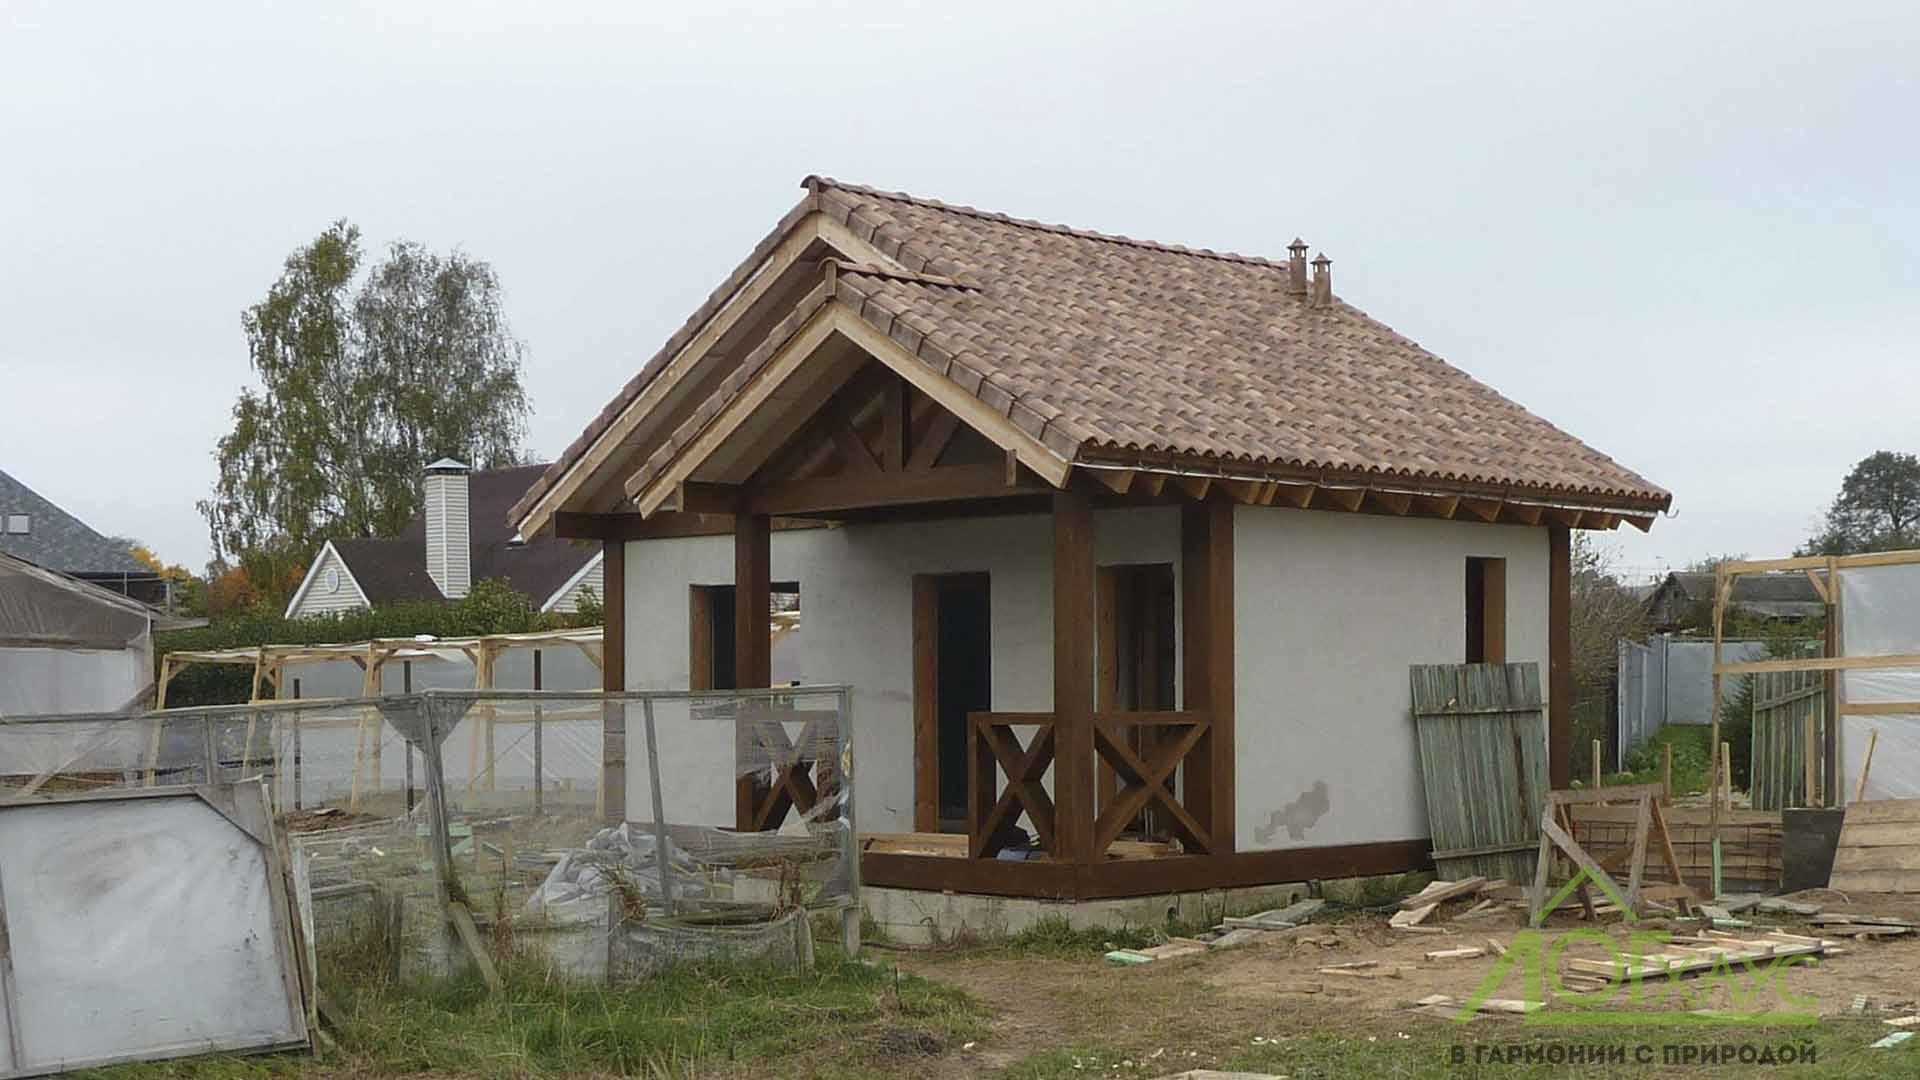 Фахверковый дом 30 квадратных метров